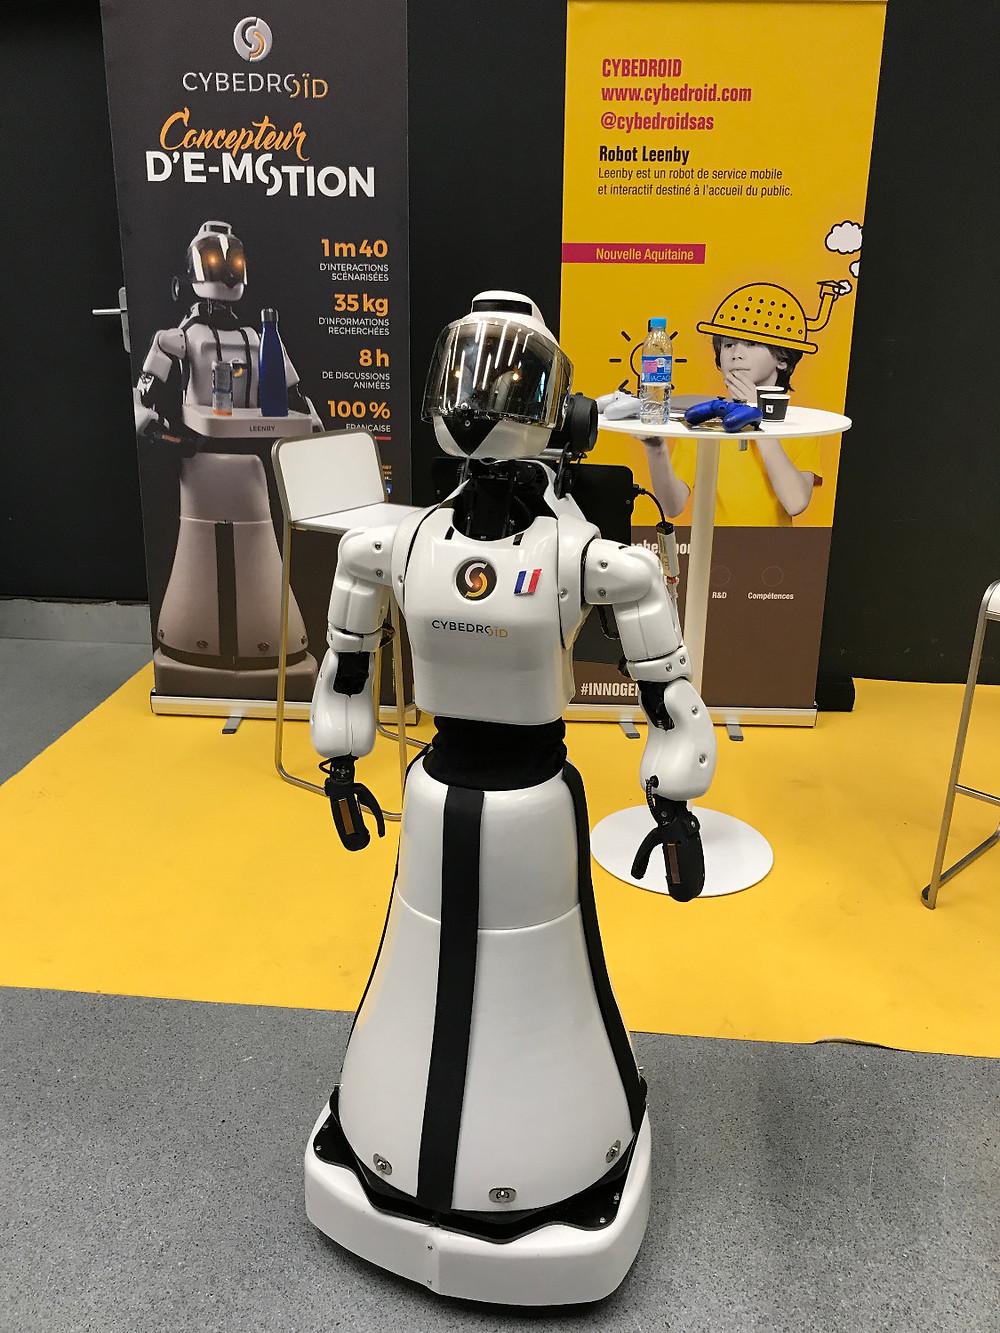 la Robotique était présente avec ces robots d'aide à la personne